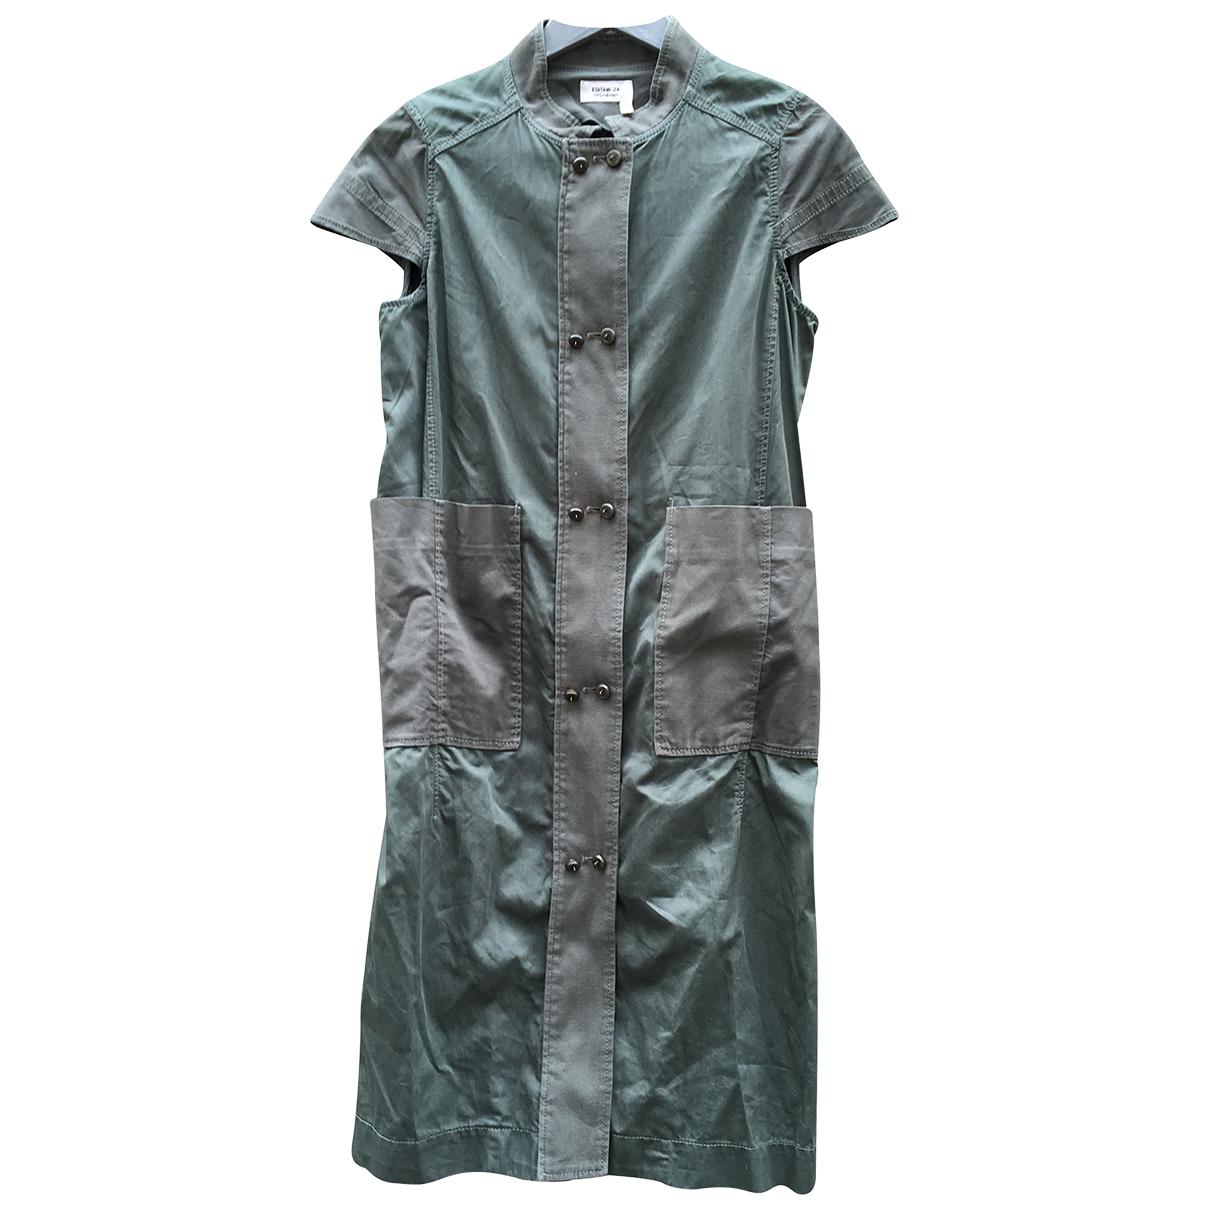 Yves Saint Laurent N Khaki Cotton dress for Women 38 FR